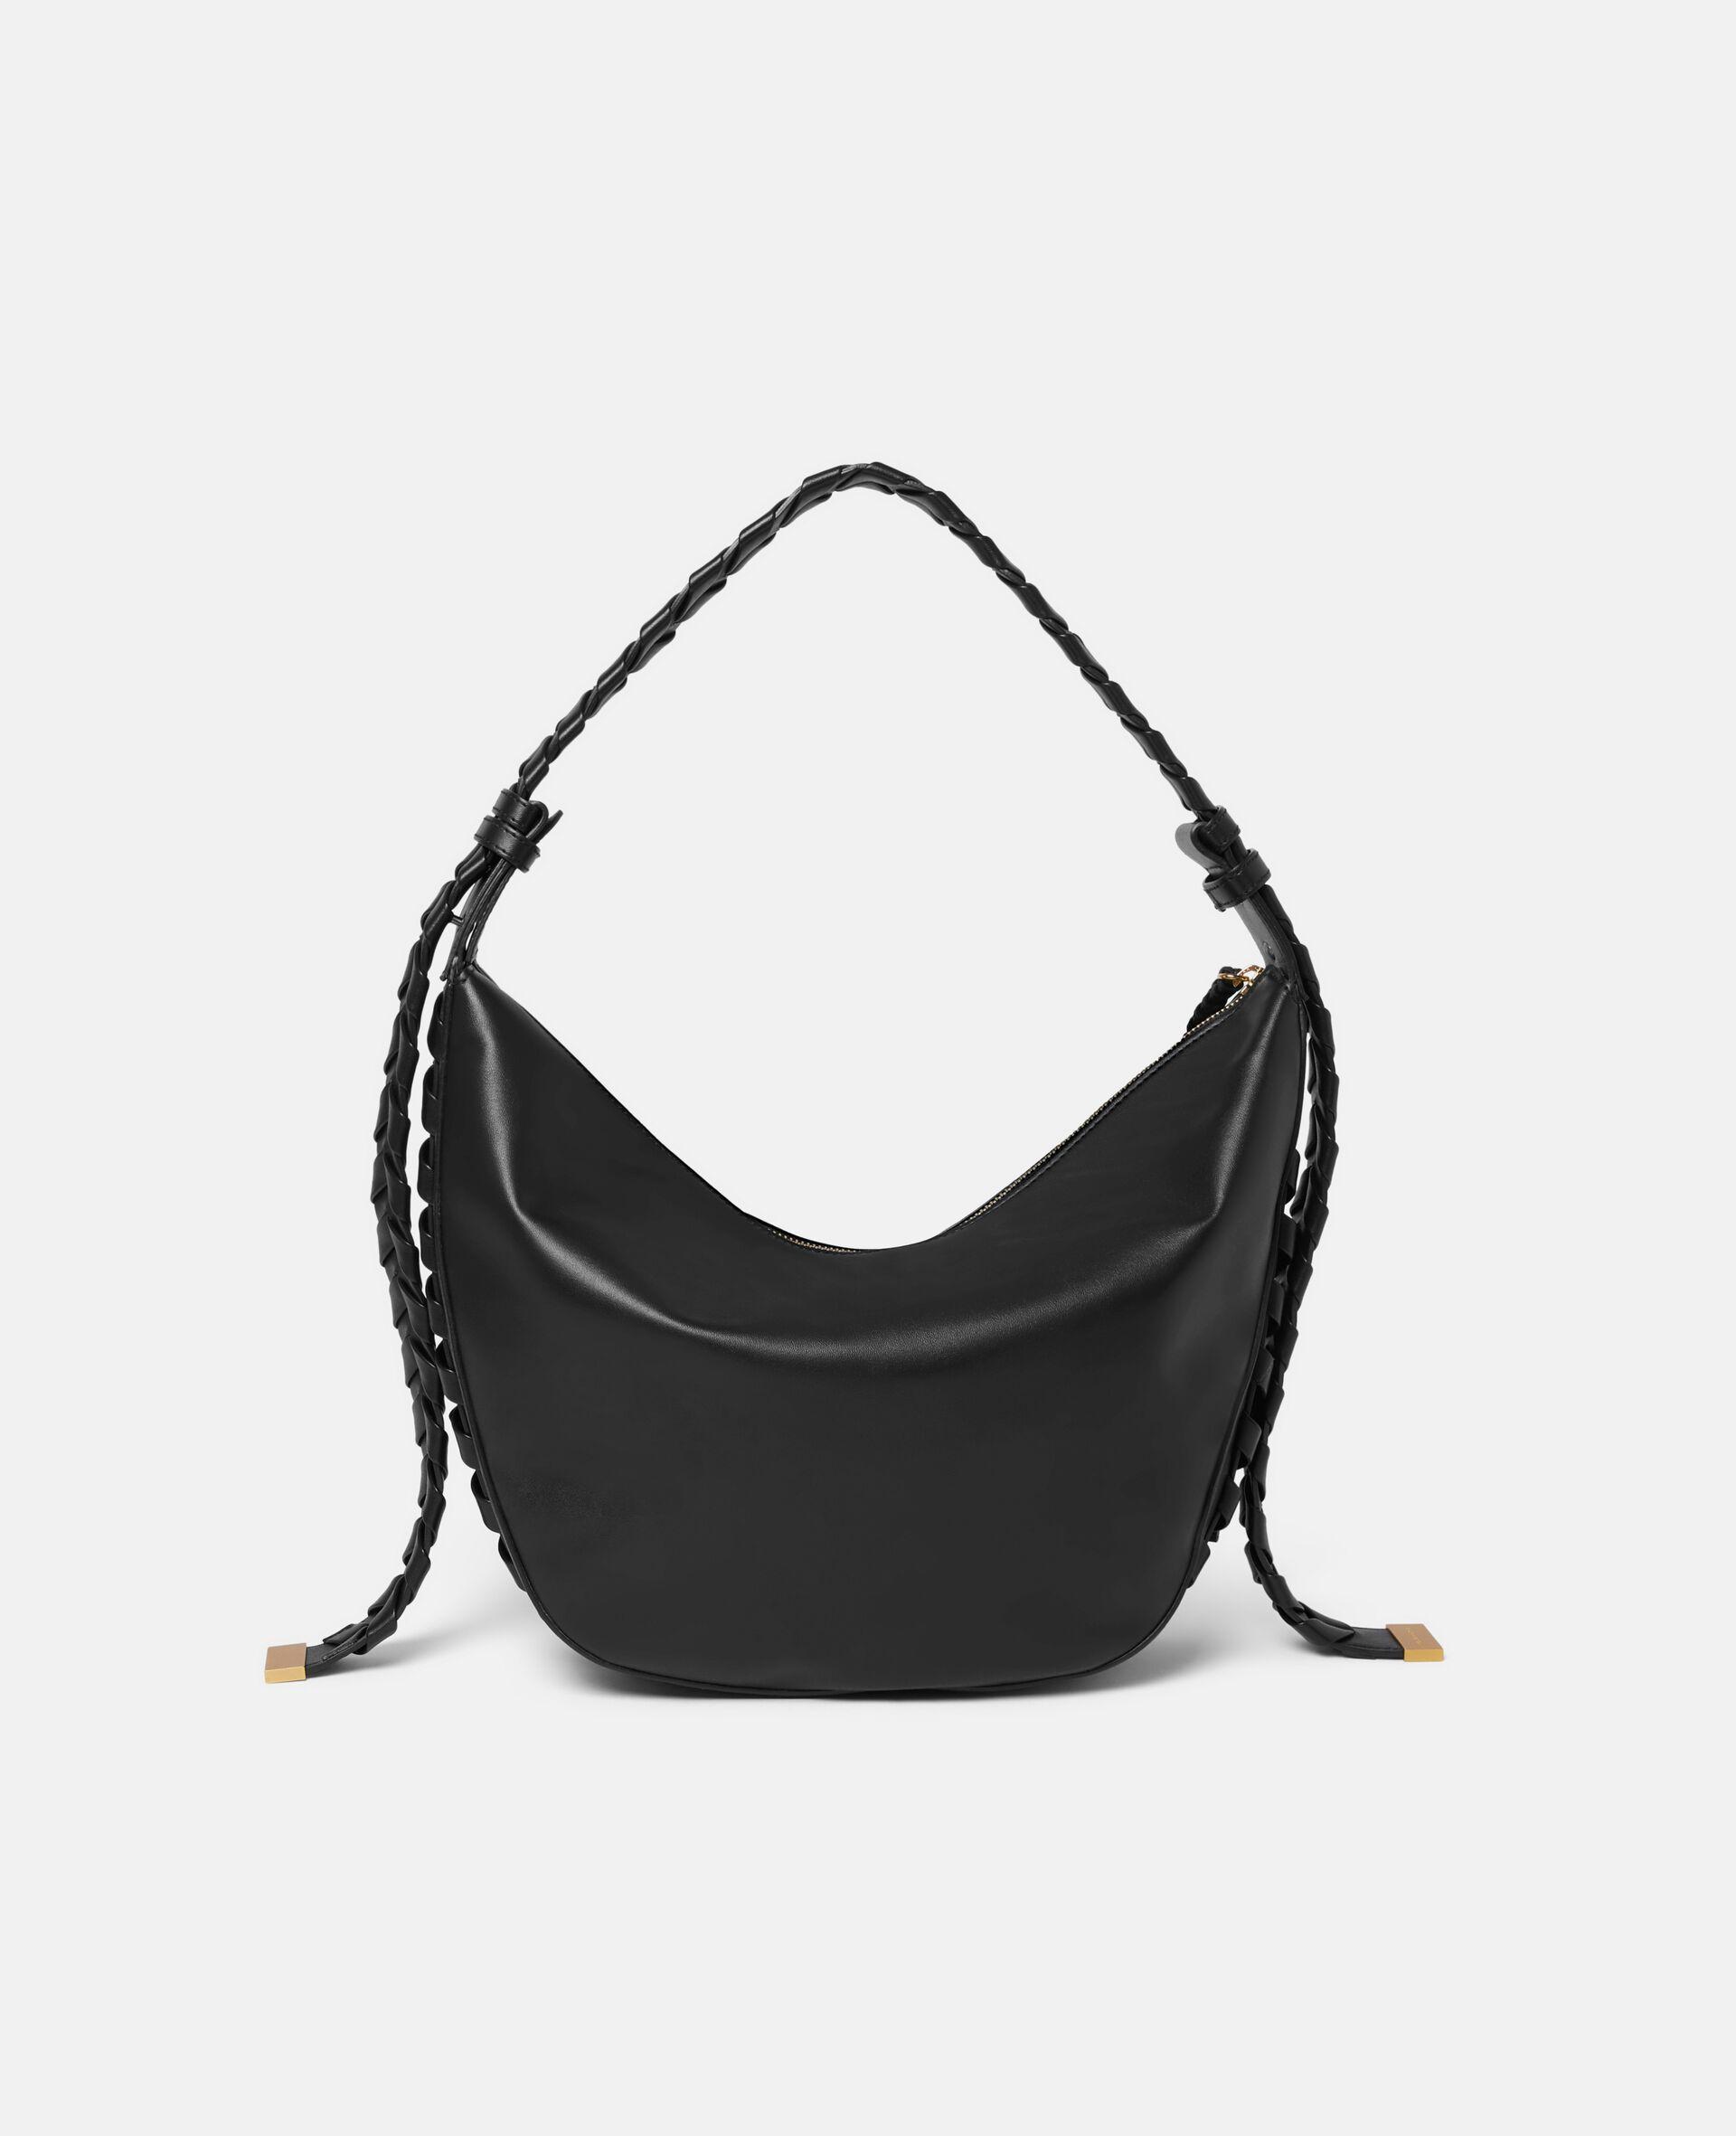 Medium Zip Hobo Shoulder Bag-Black-large image number 2